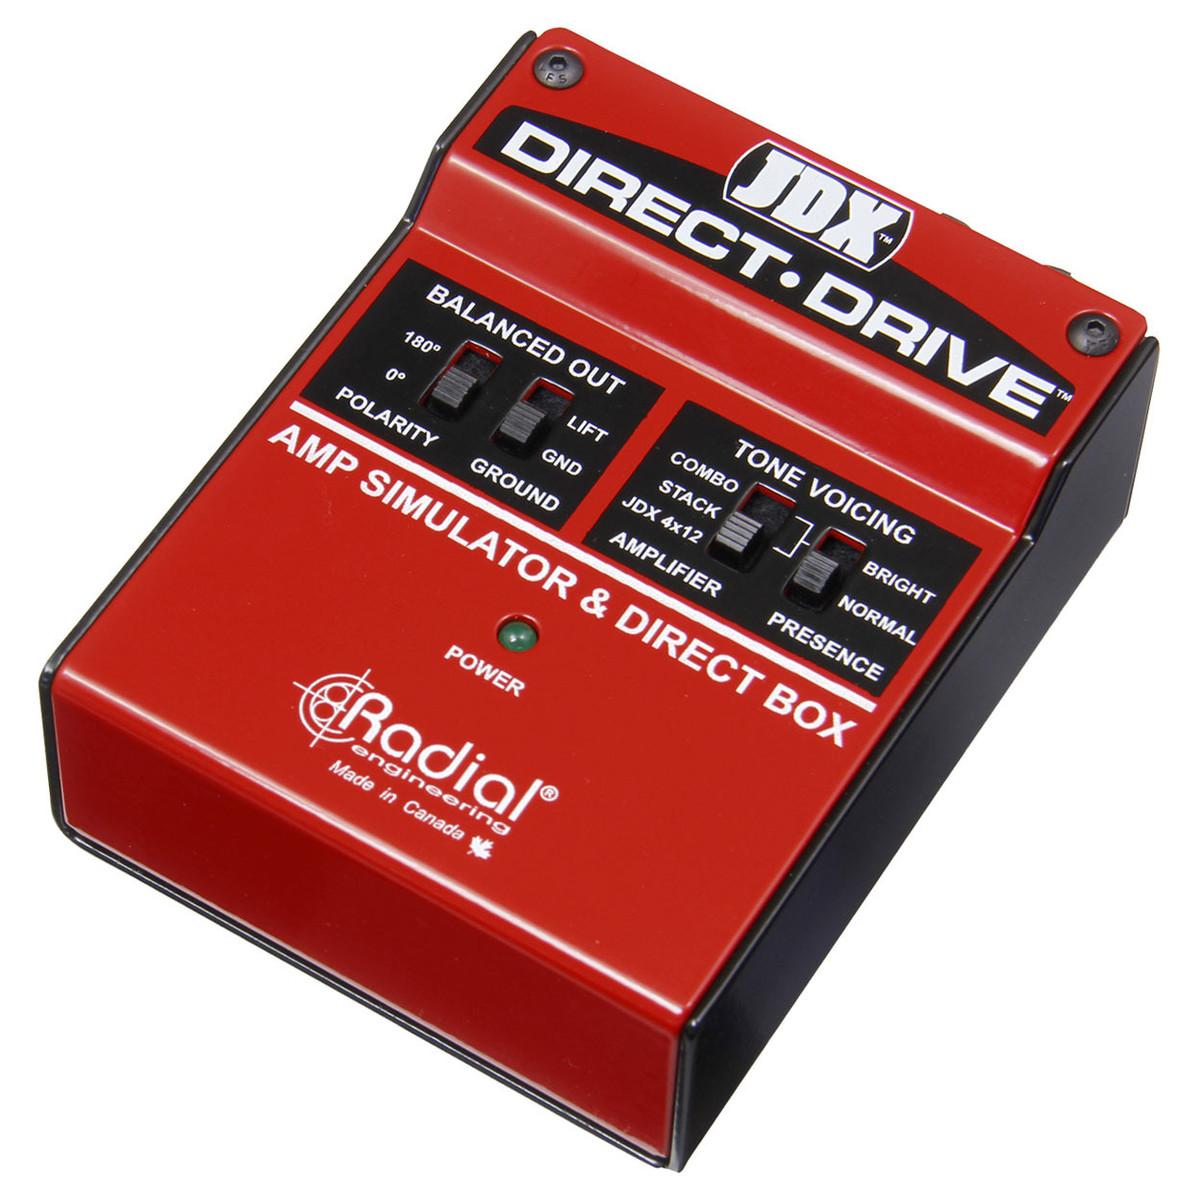 Radial JDX Direct Drive Amp Emulator And DI Box - B-Stock